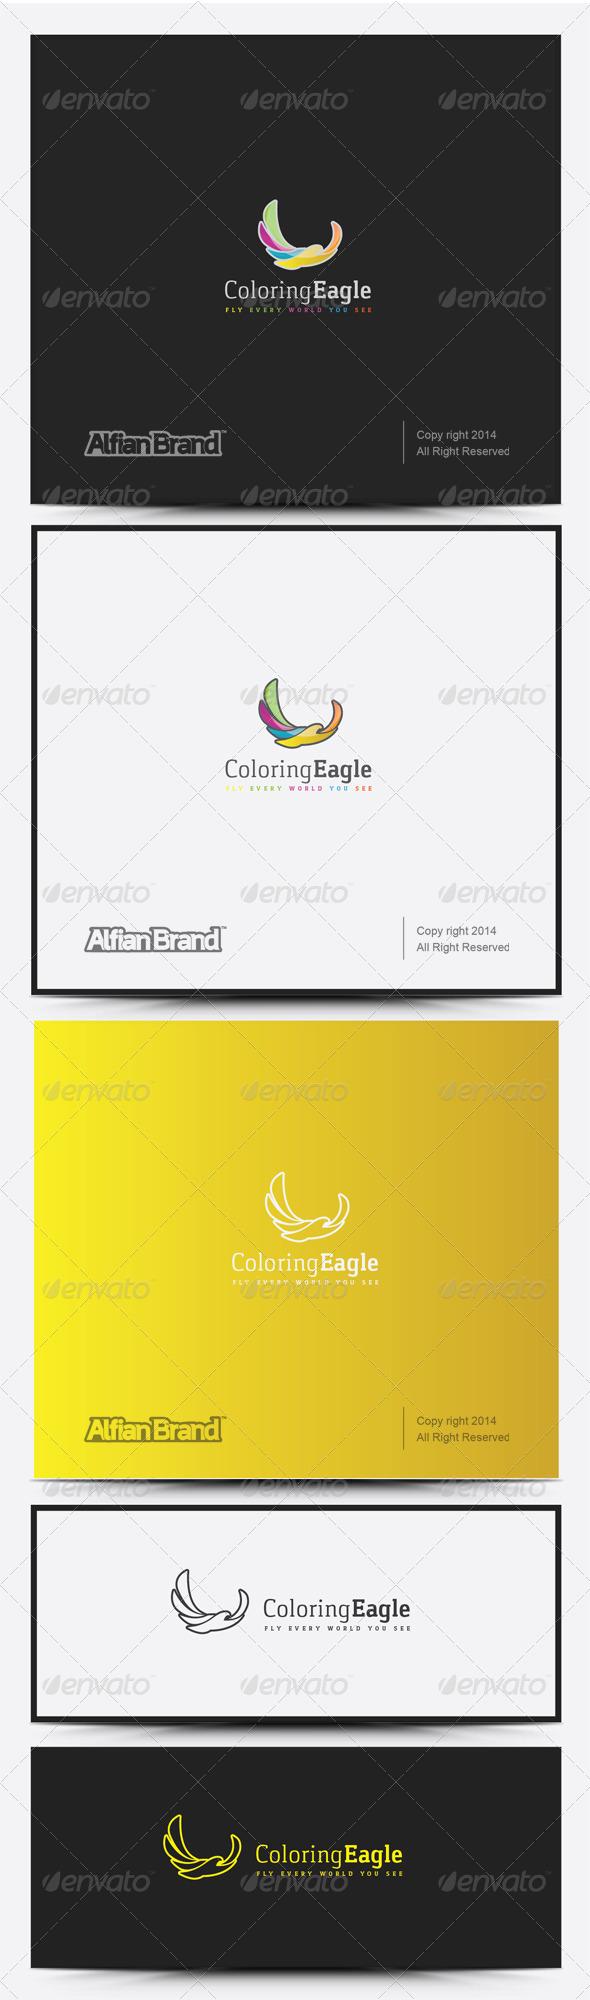 GraphicRiver Coloring Eagle Logo 8317769